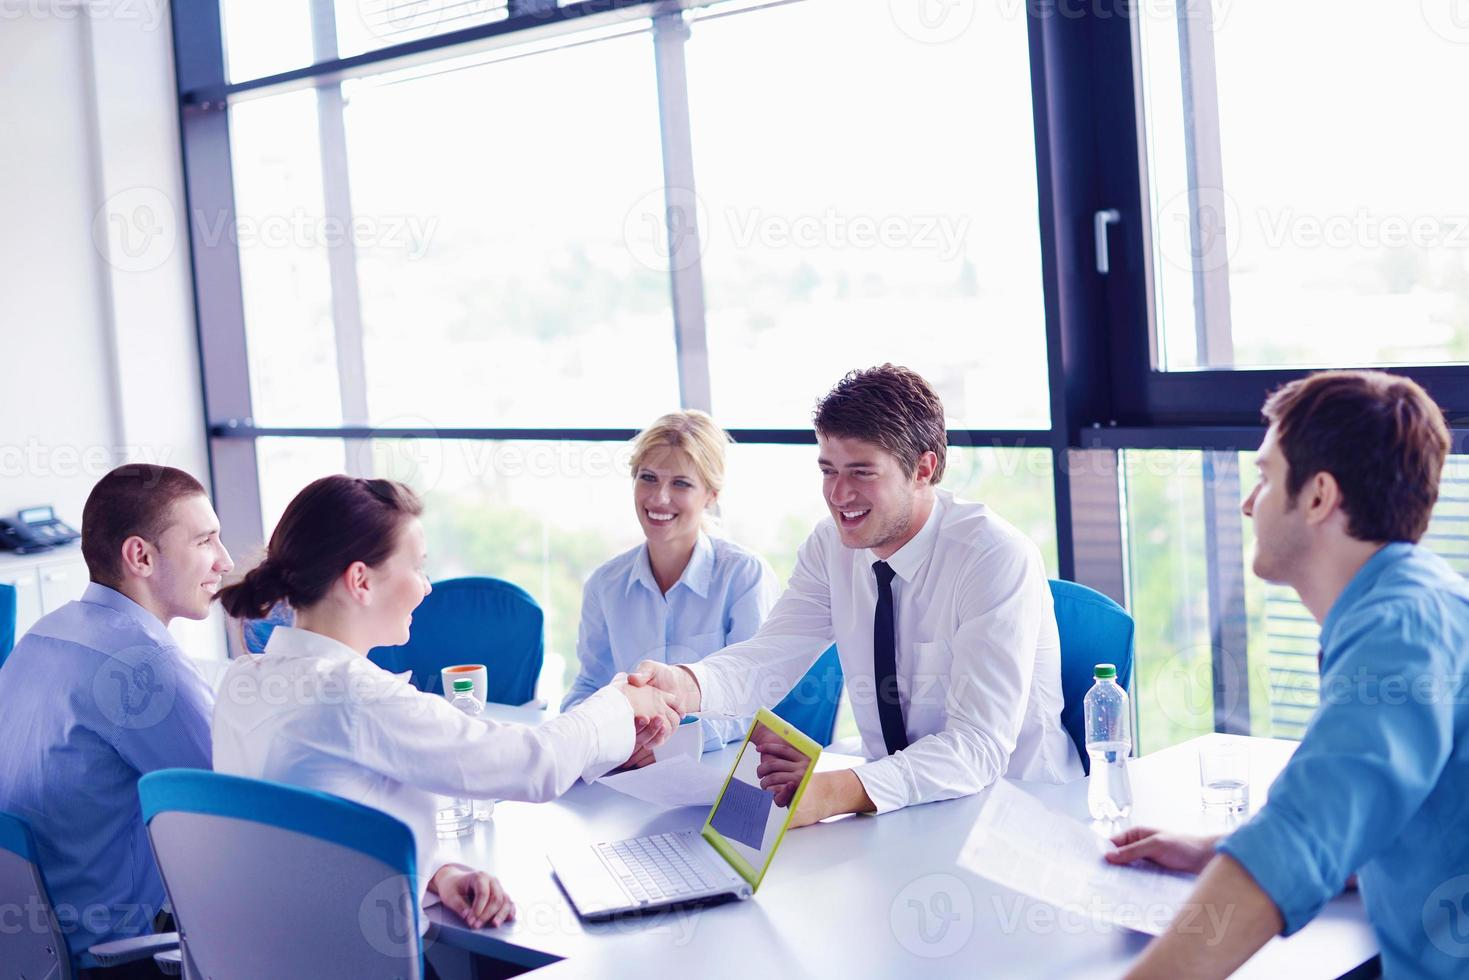 groupe de gens d'affaires lors d'une réunion au bureau photo